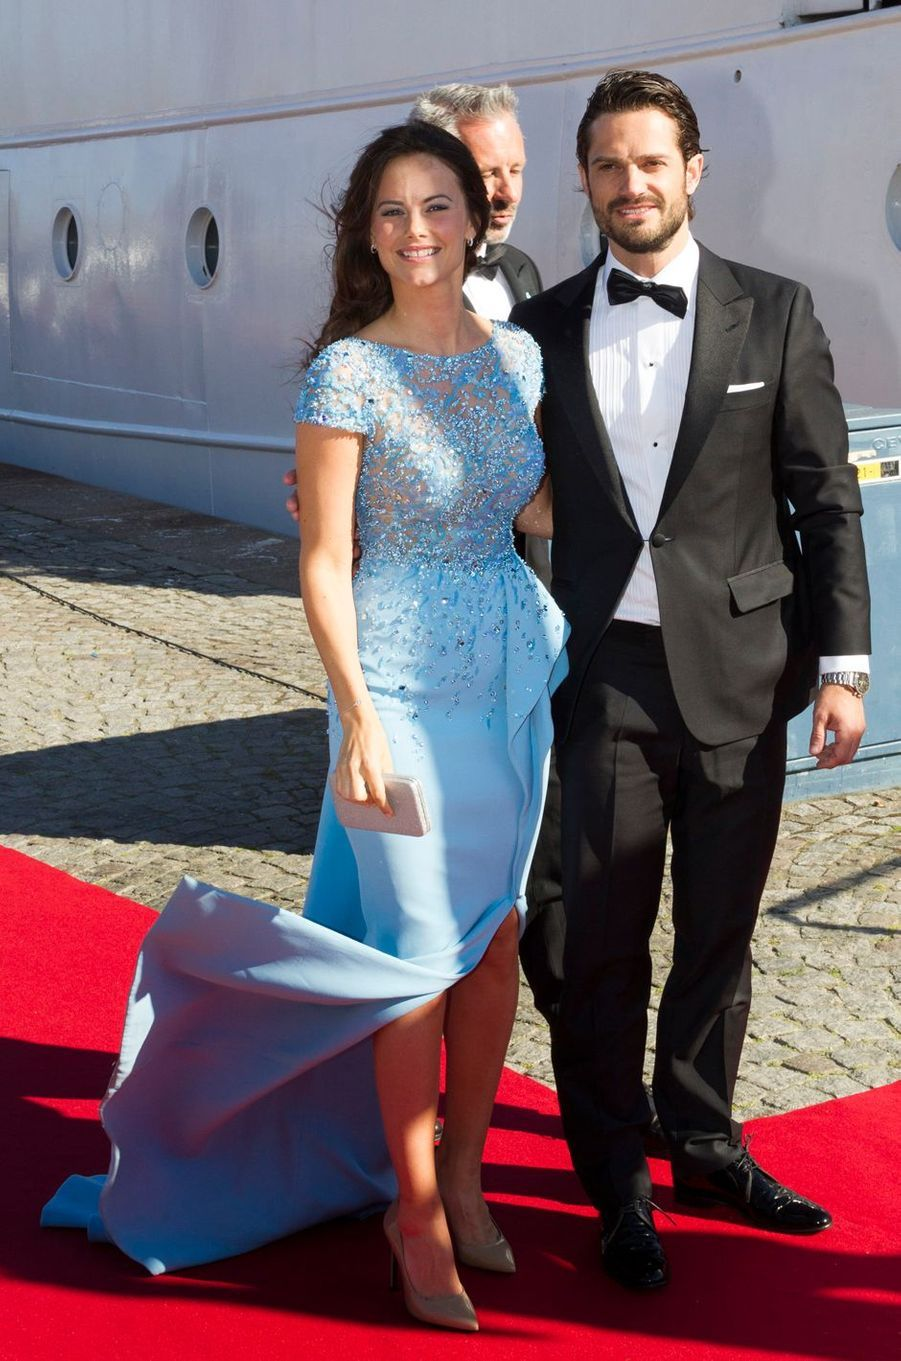 Sofia Hellqvist et le prince Carl Philip de Suède la veille de leur mariage, le 12 juin 2015